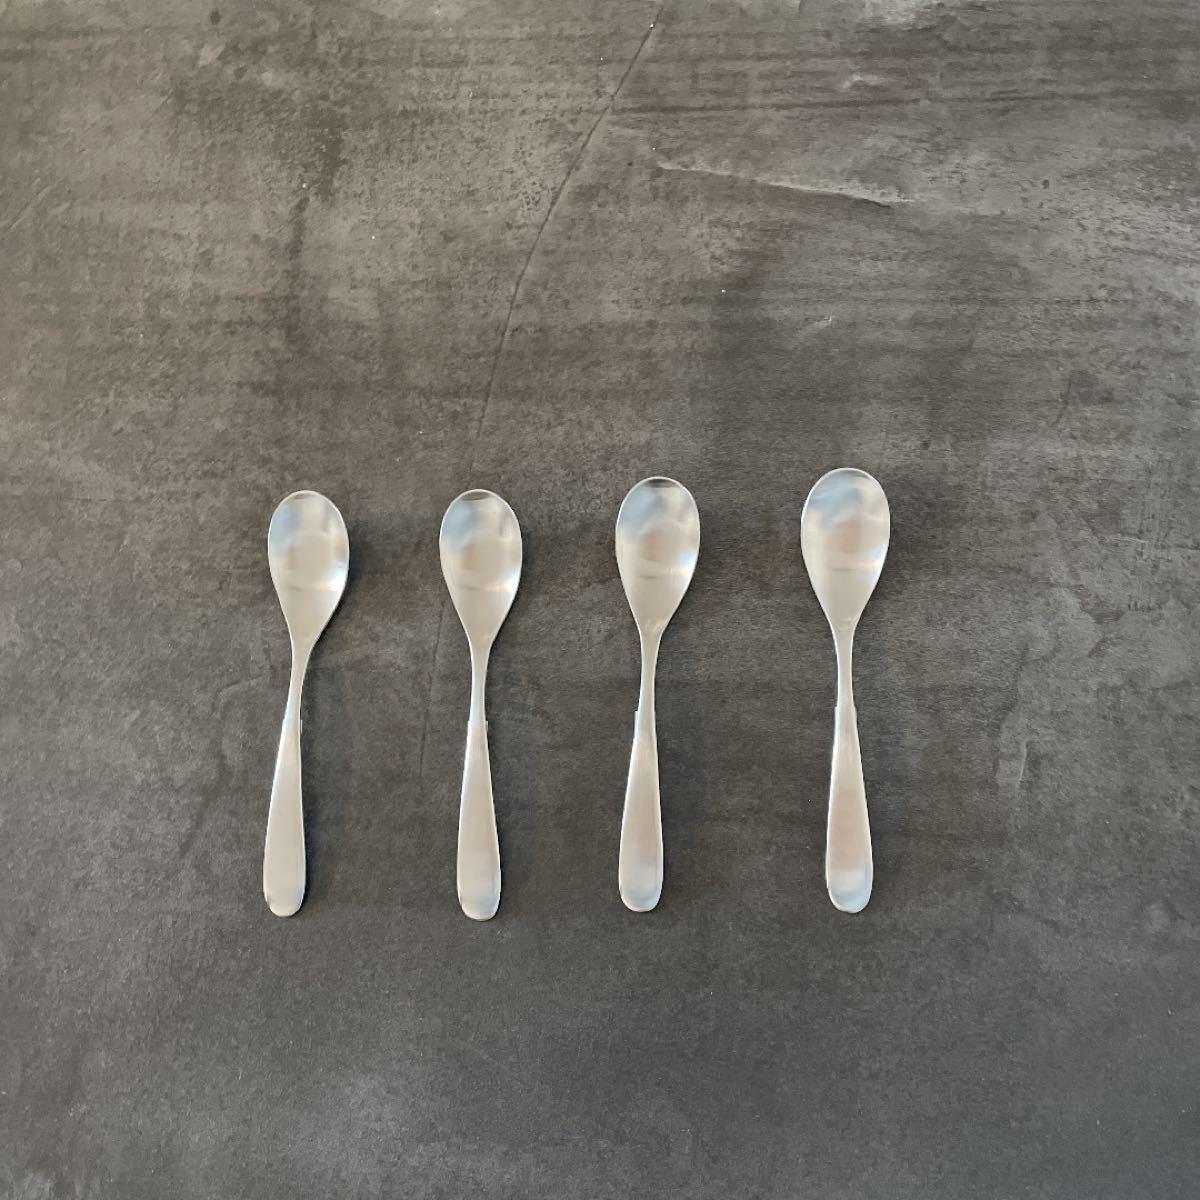 ツバメカトラリー 4本セット スプーン小 新品未使用 made in tsubame 燕